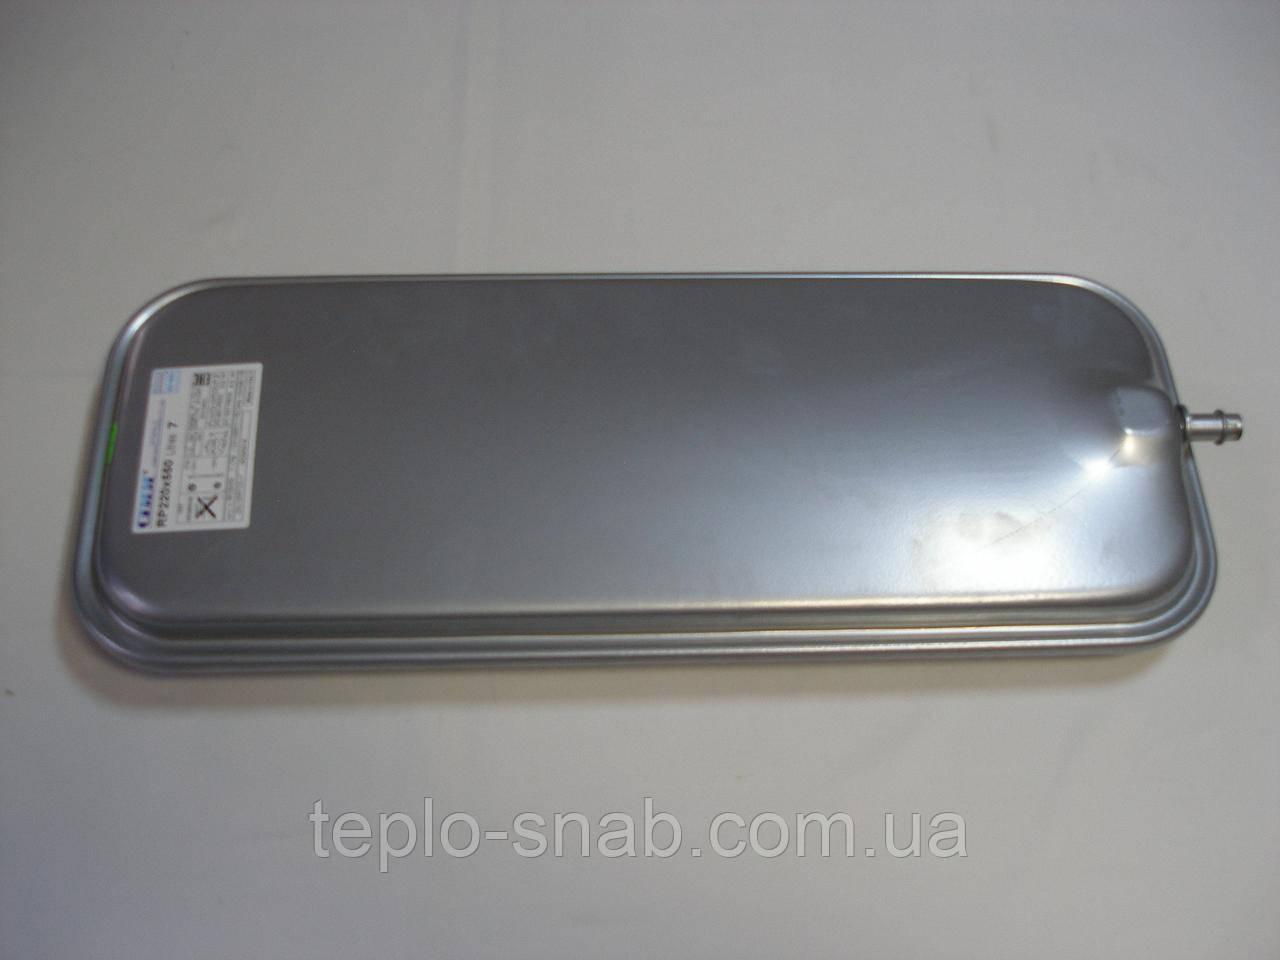 Расширительный бак 7 л. газового настенного котла Ferroli Domiproject C24D/F24D, FerEasy C24D/F24D. 39827800.